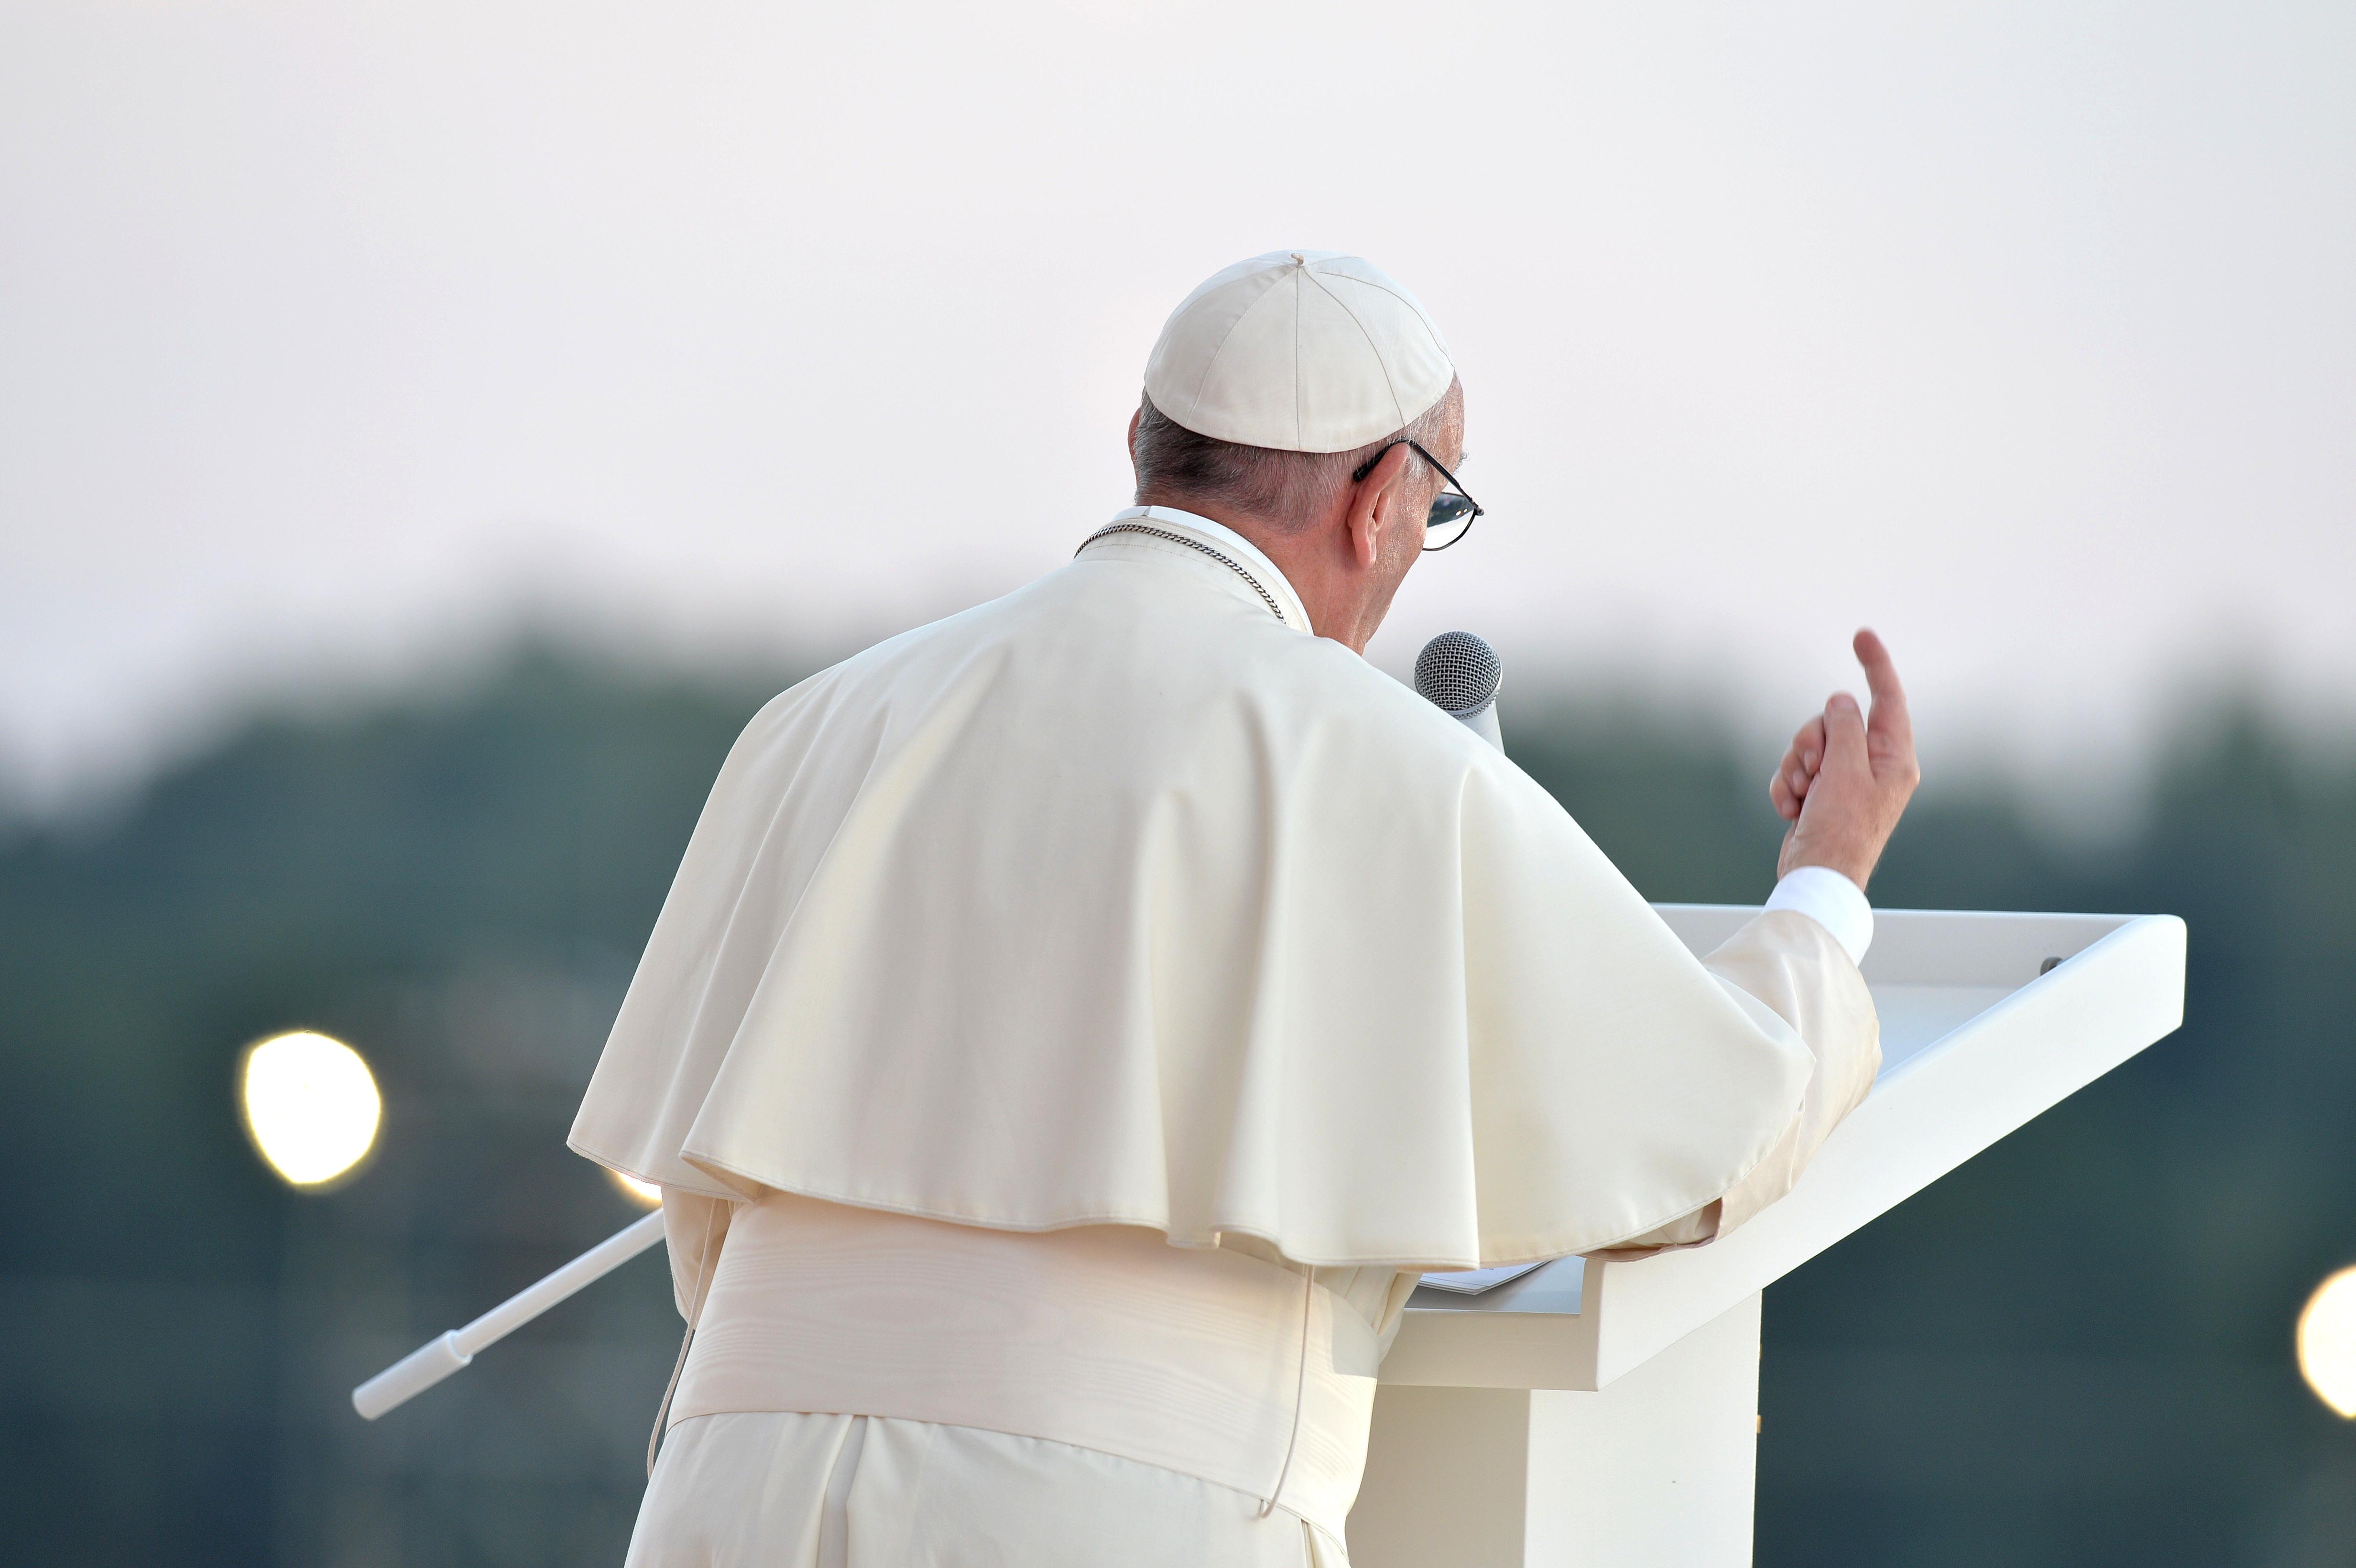 Pozdrowienie wygłoszone przez papieża Franciszka przed Sanktuarium Bożego Miłosierdzia w Łagiewnikach, 30.07.2016